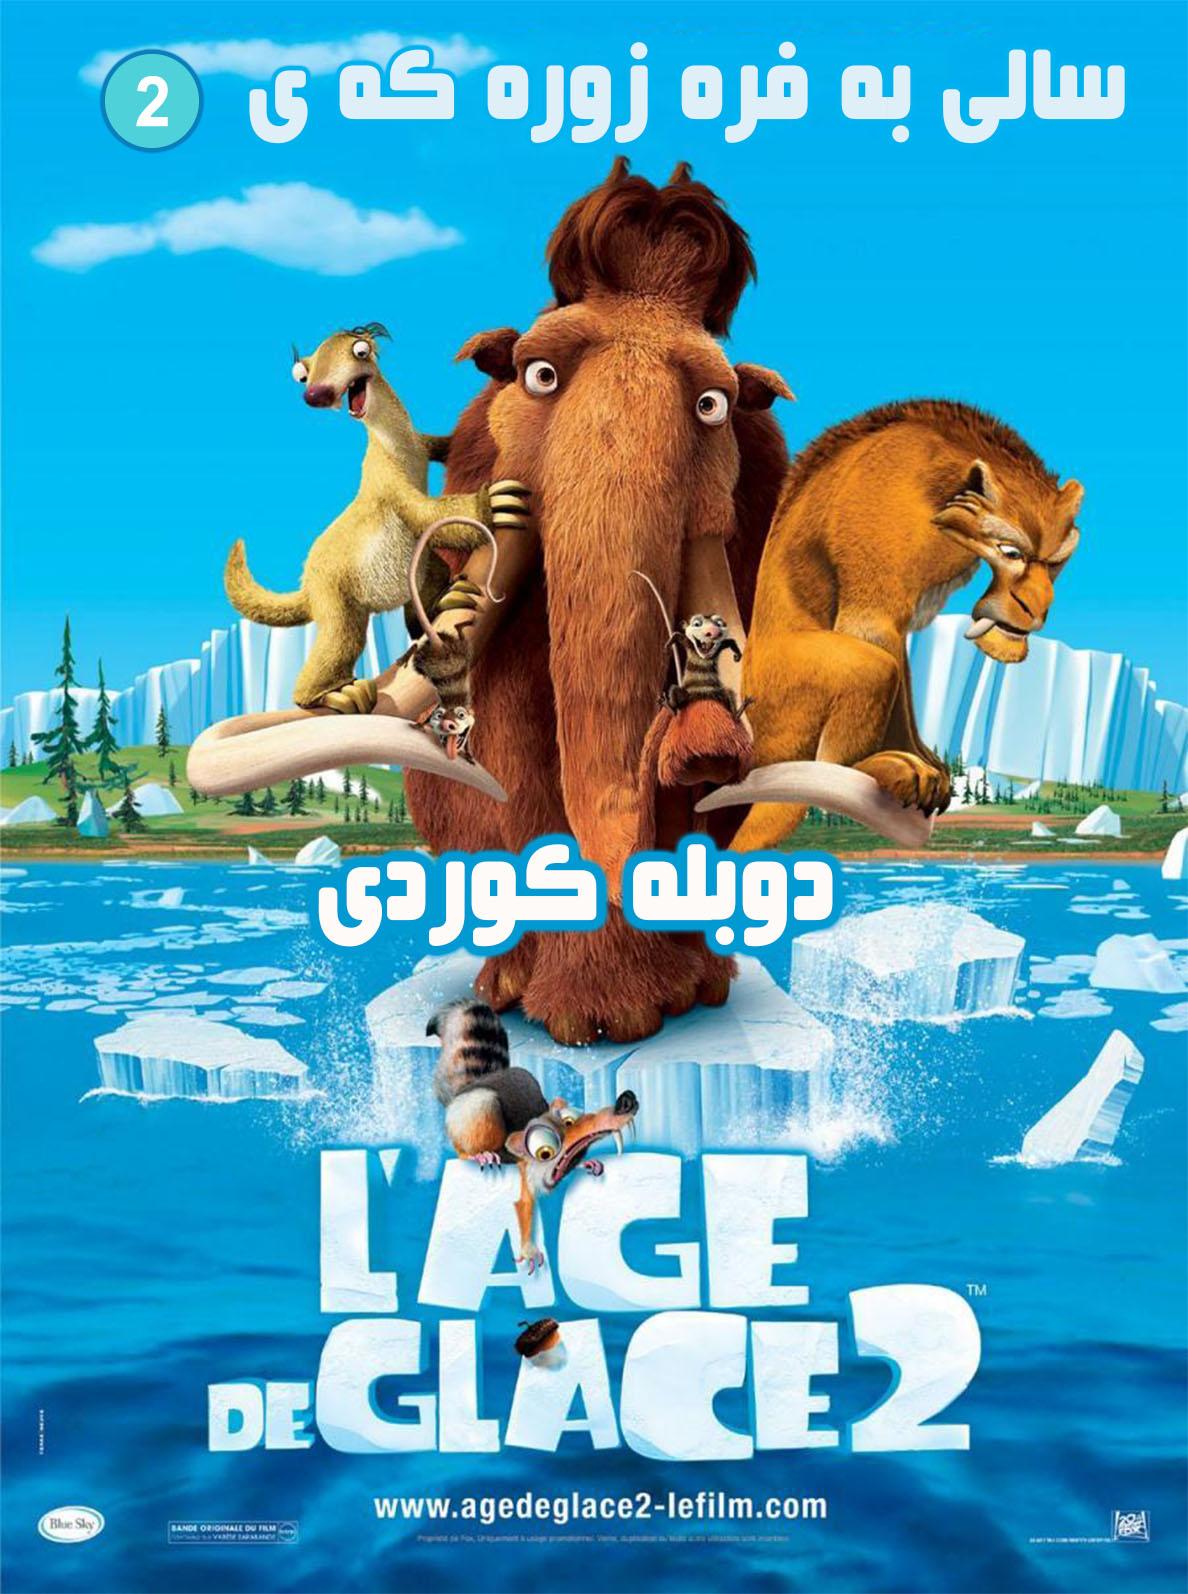 دانلود دوبله کردی انیمیشن عصر یخبندان 2( ساله برفه زورکه) _ Ice Age 2006